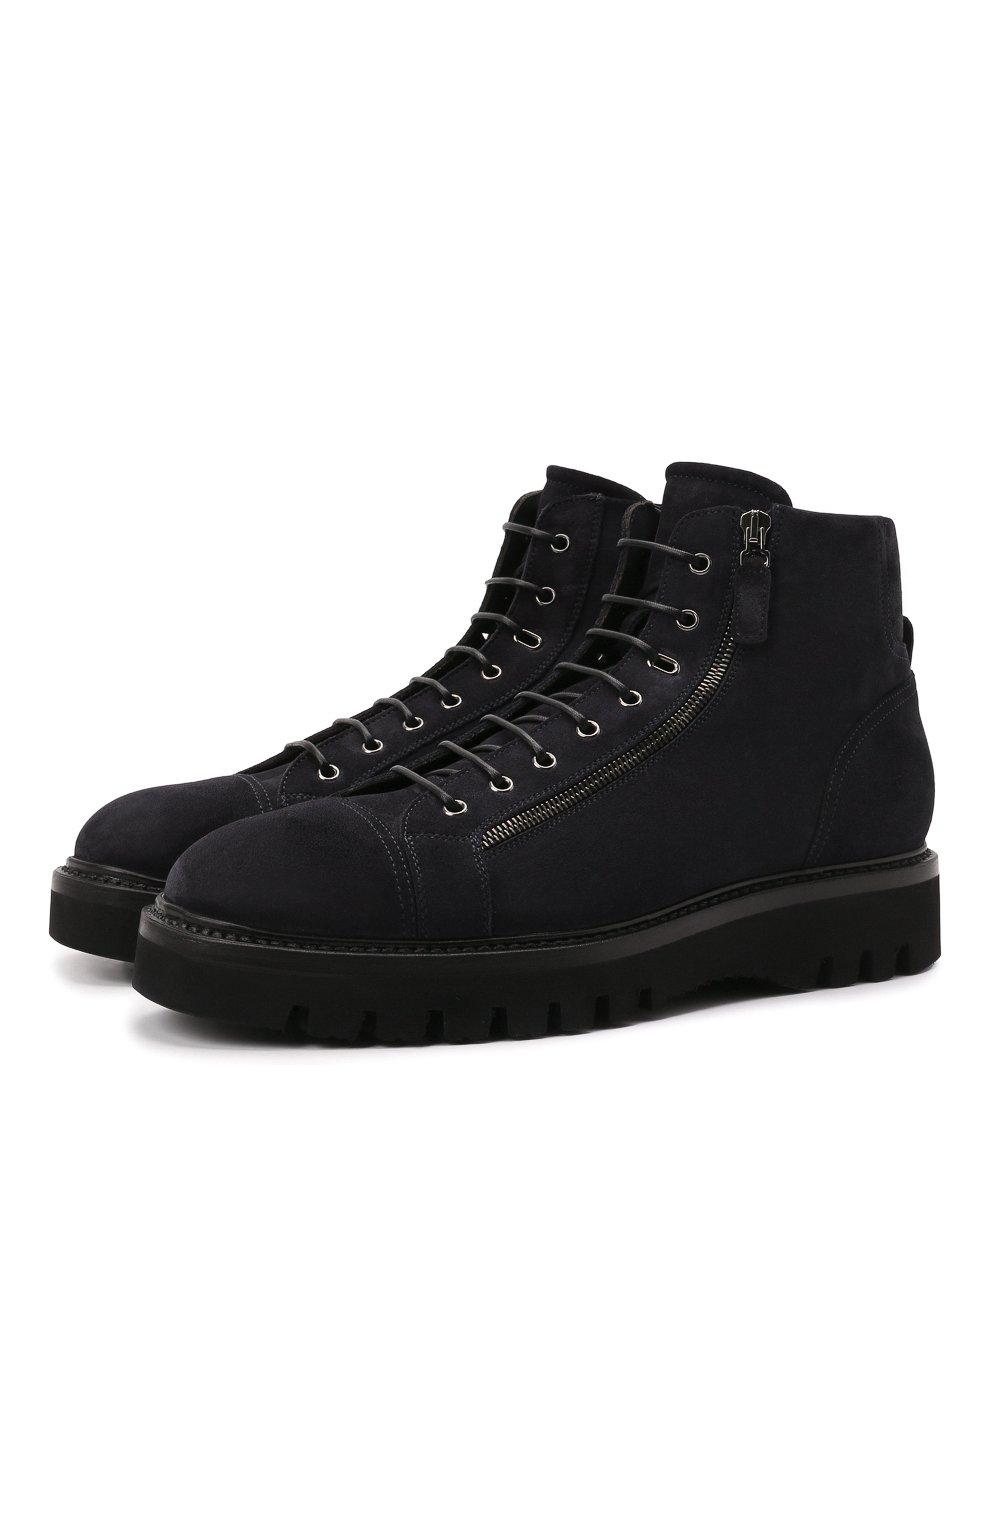 Мужские замшевые ботинки W.GIBBS синего цвета, арт. 0672001/2576 | Фото 1 (Материал утеплителя: Натуральный мех; Мужское Кросс-КТ: Ботинки-обувь, зимние ботинки; Подошва: Массивная; Материал внешний: Замша)